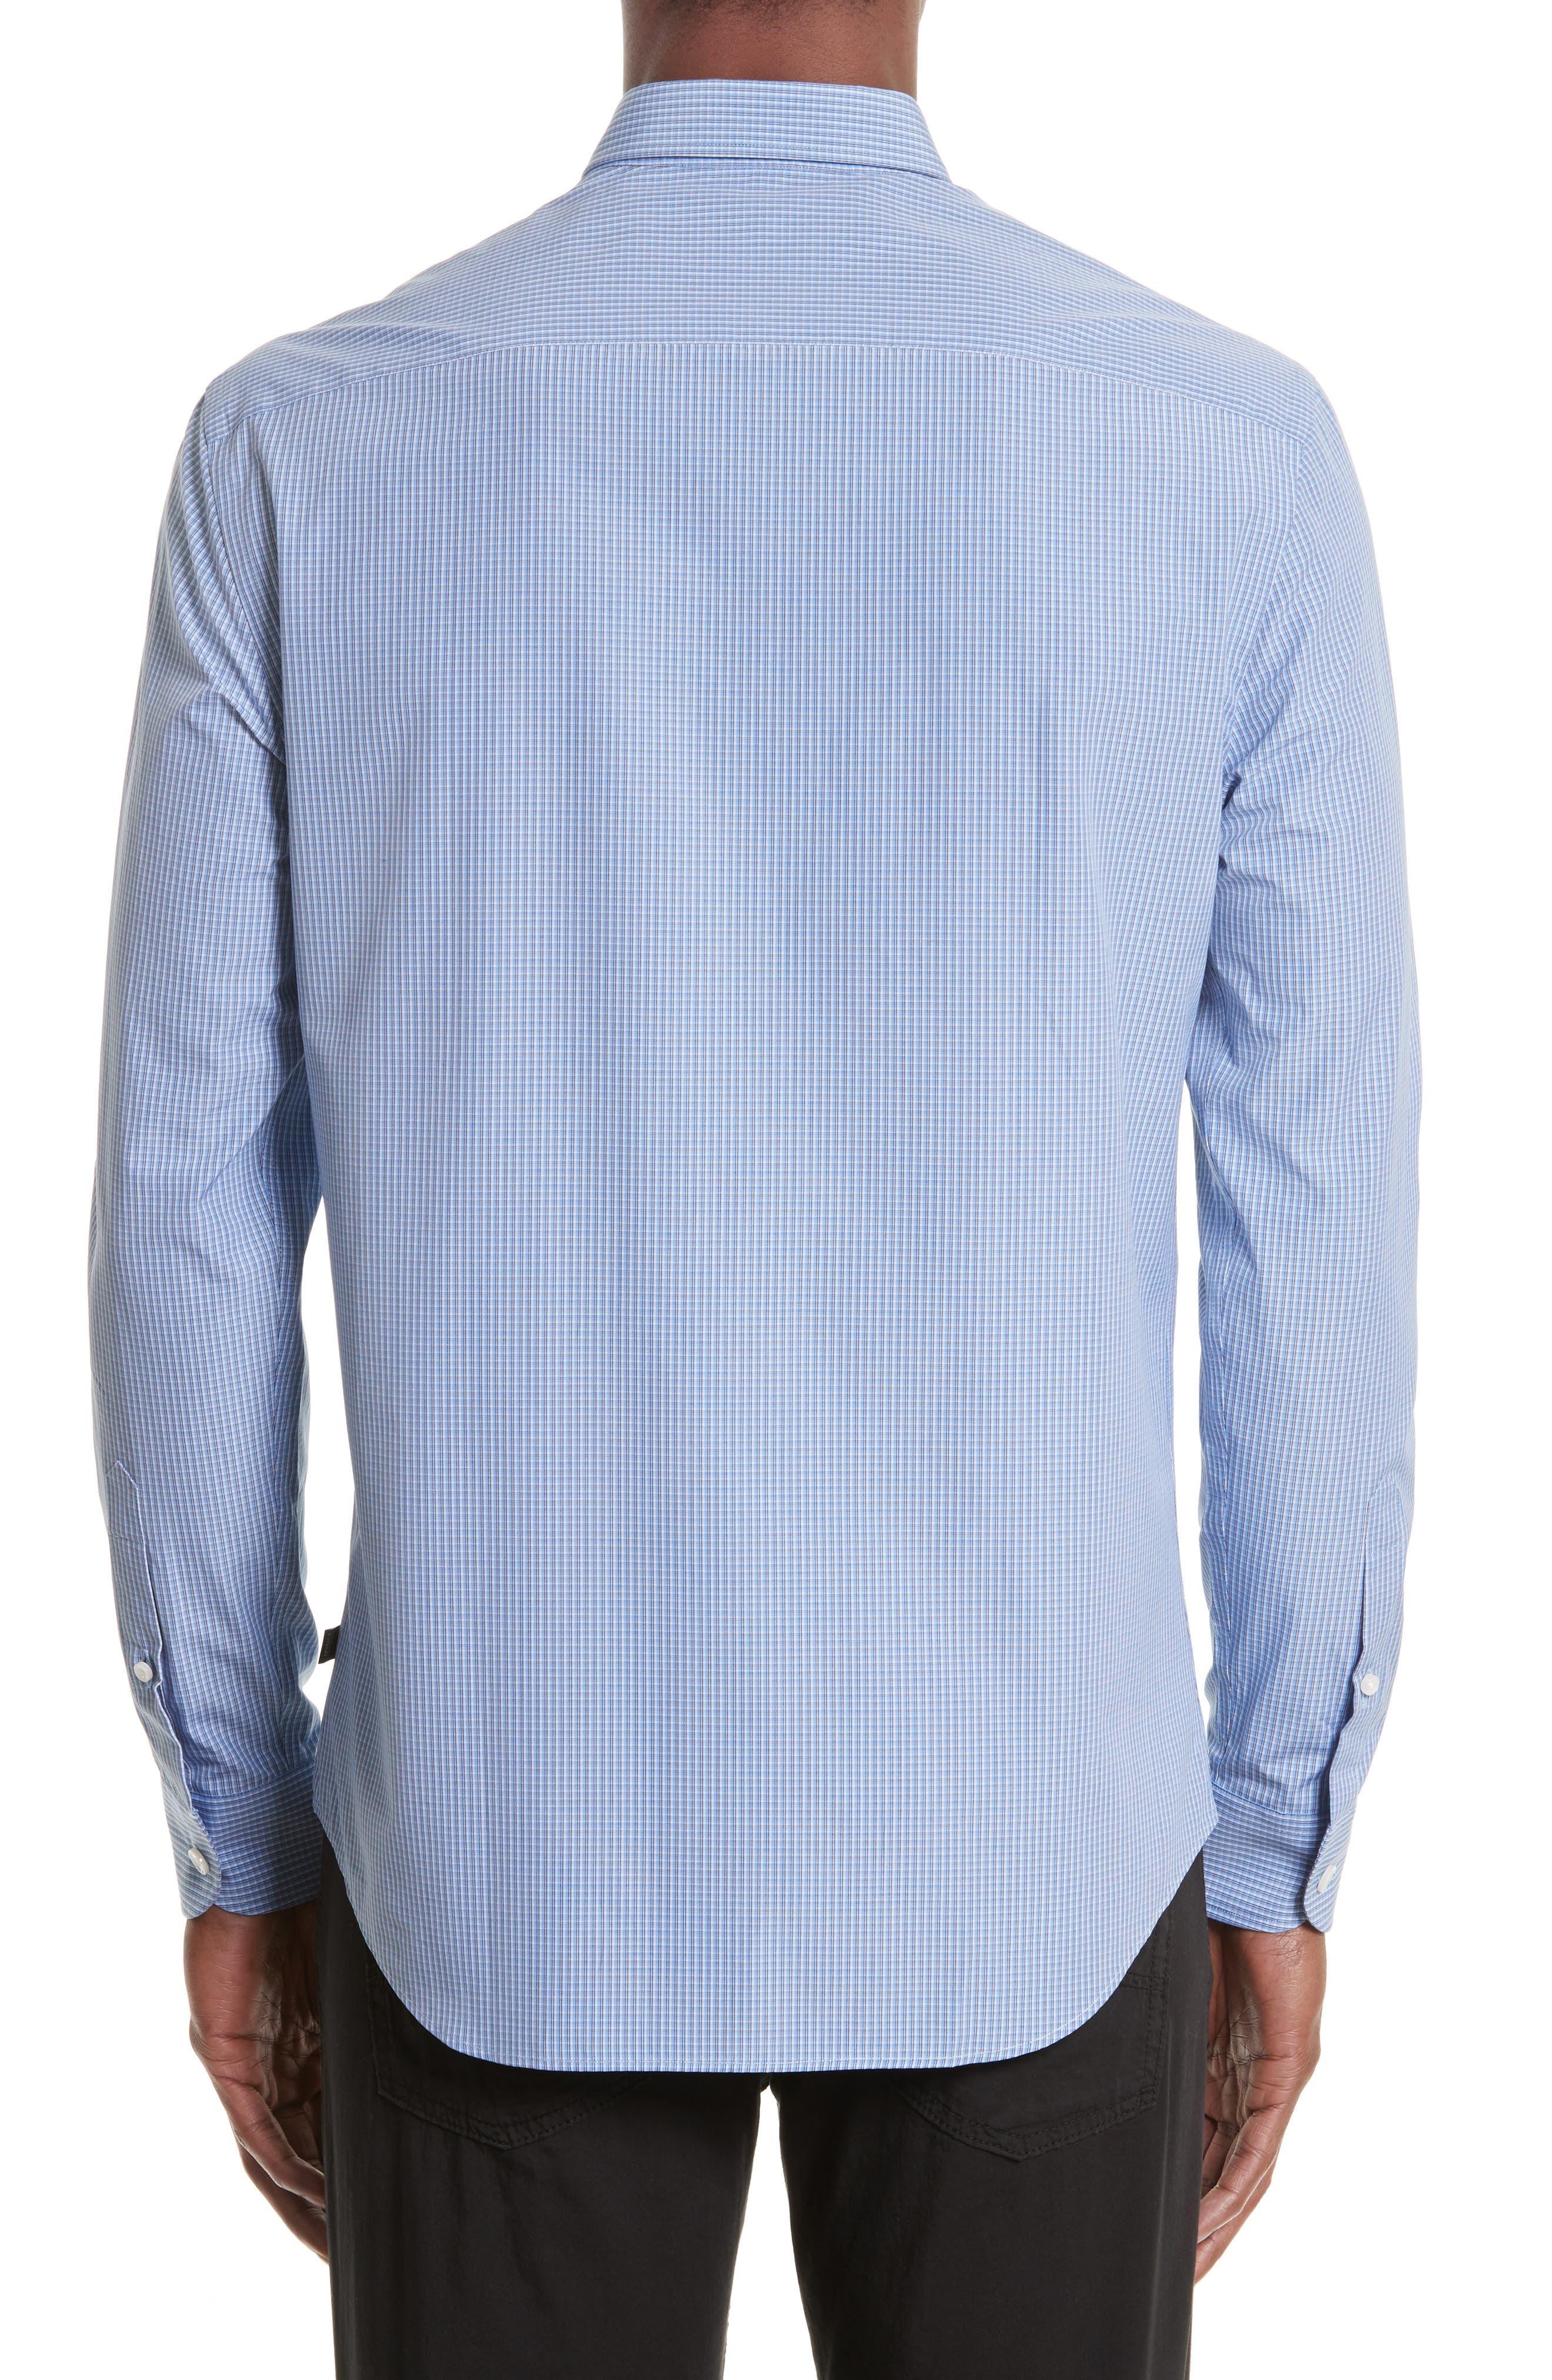 ARMANI COLLEZIONI,                             Micro Check Sport Shirt,                             Alternate thumbnail 2, color,                             482